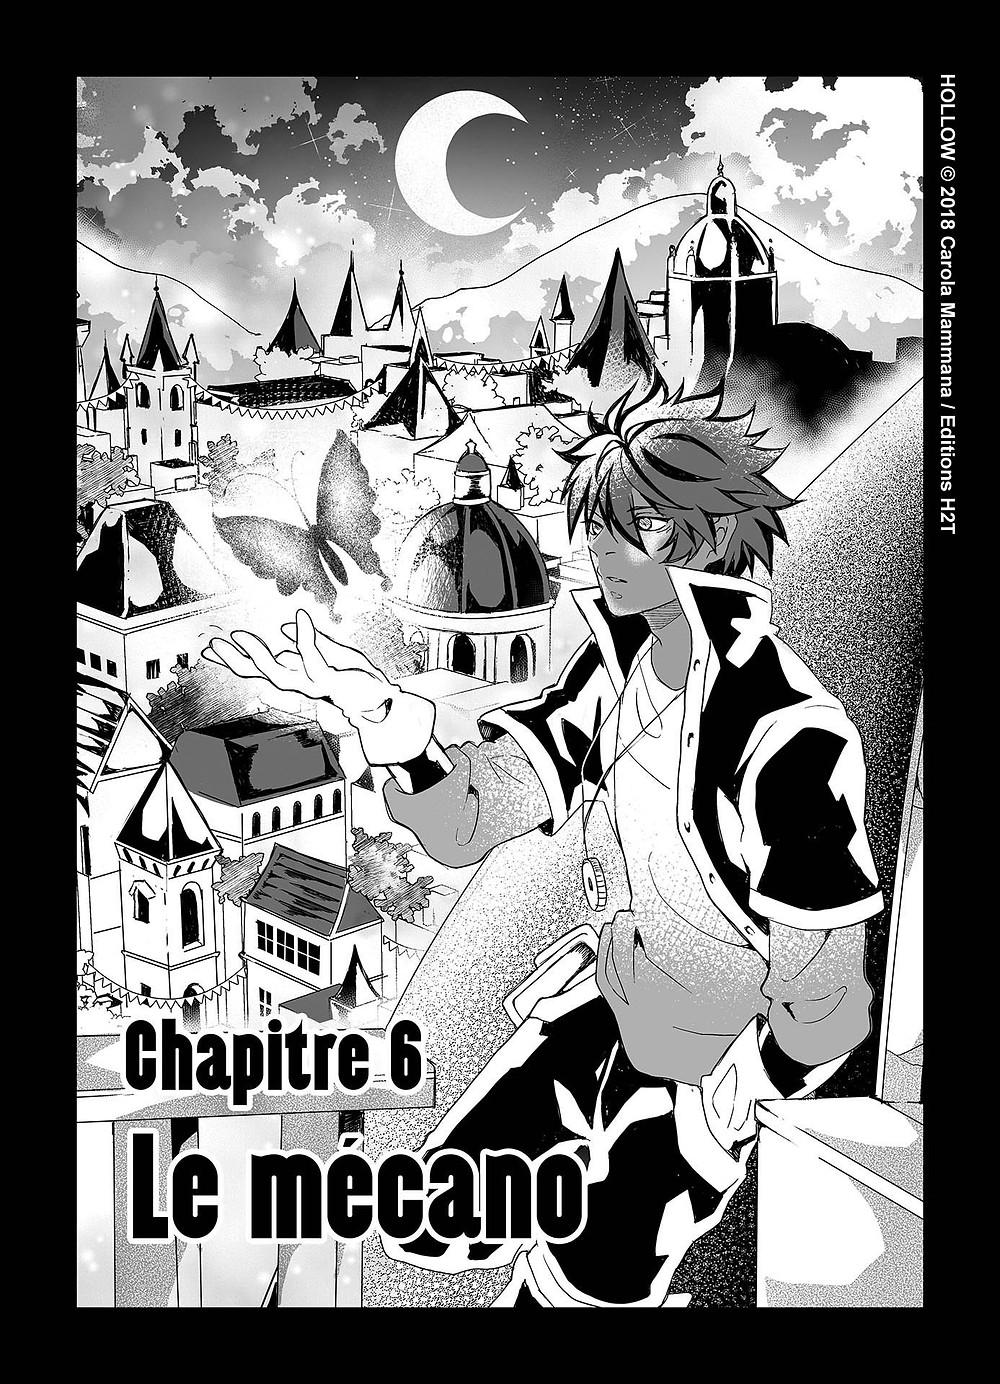 Chapitre 6 - Hollow- Shone de Carola Mammana aux Editions H2T